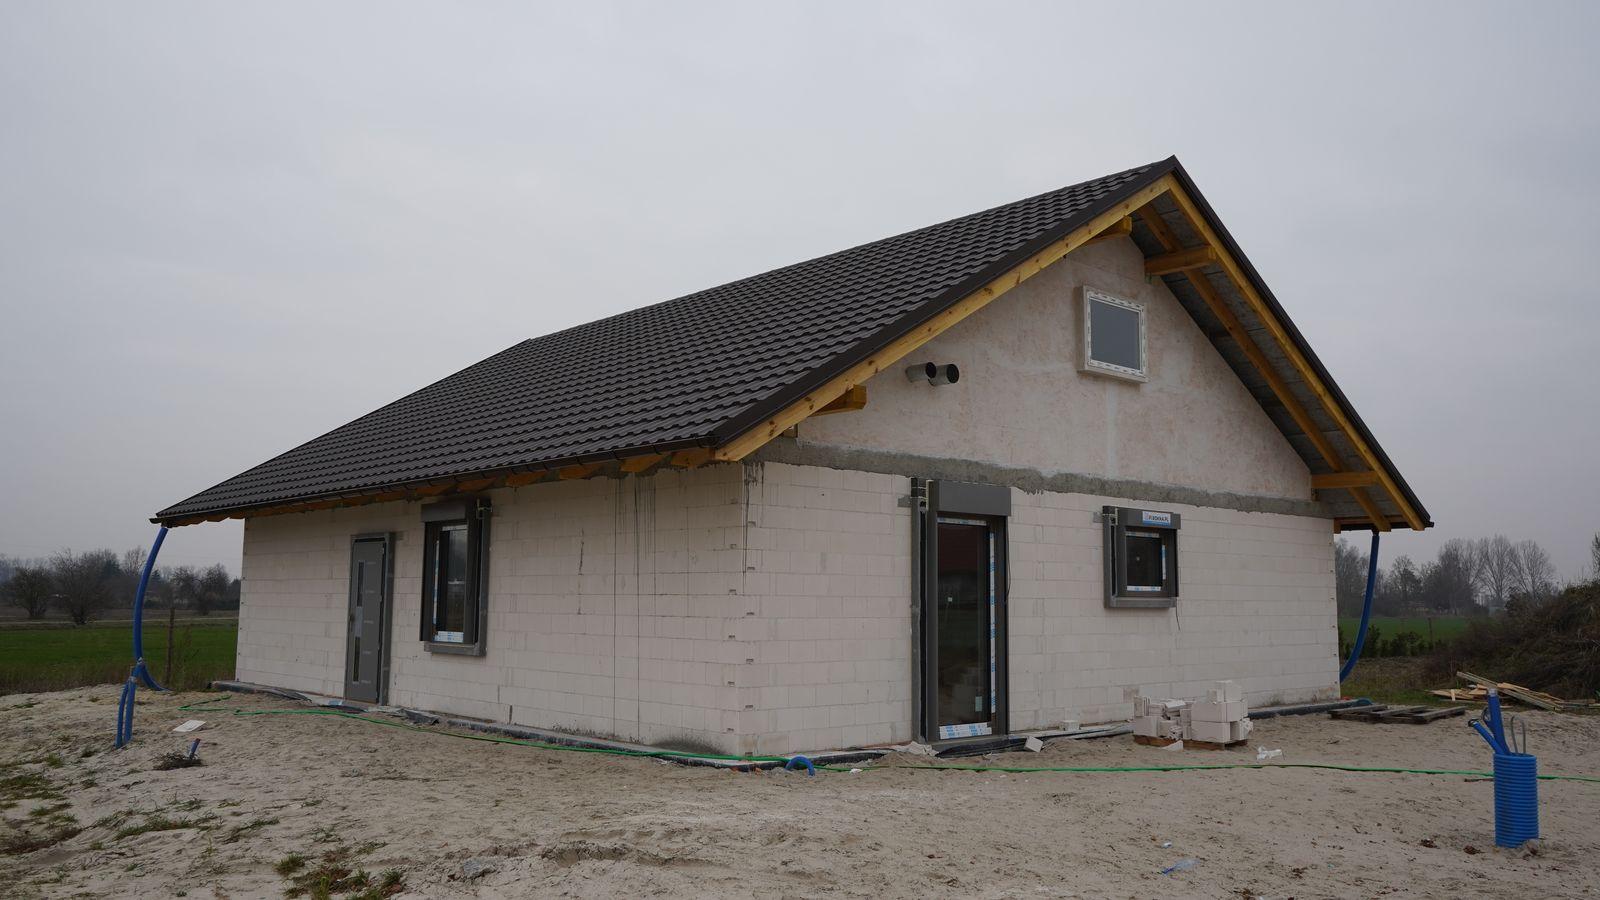 Dom pasywny w Czerniejewie wznoszony według koncepcji Macieja Sempińskiego.